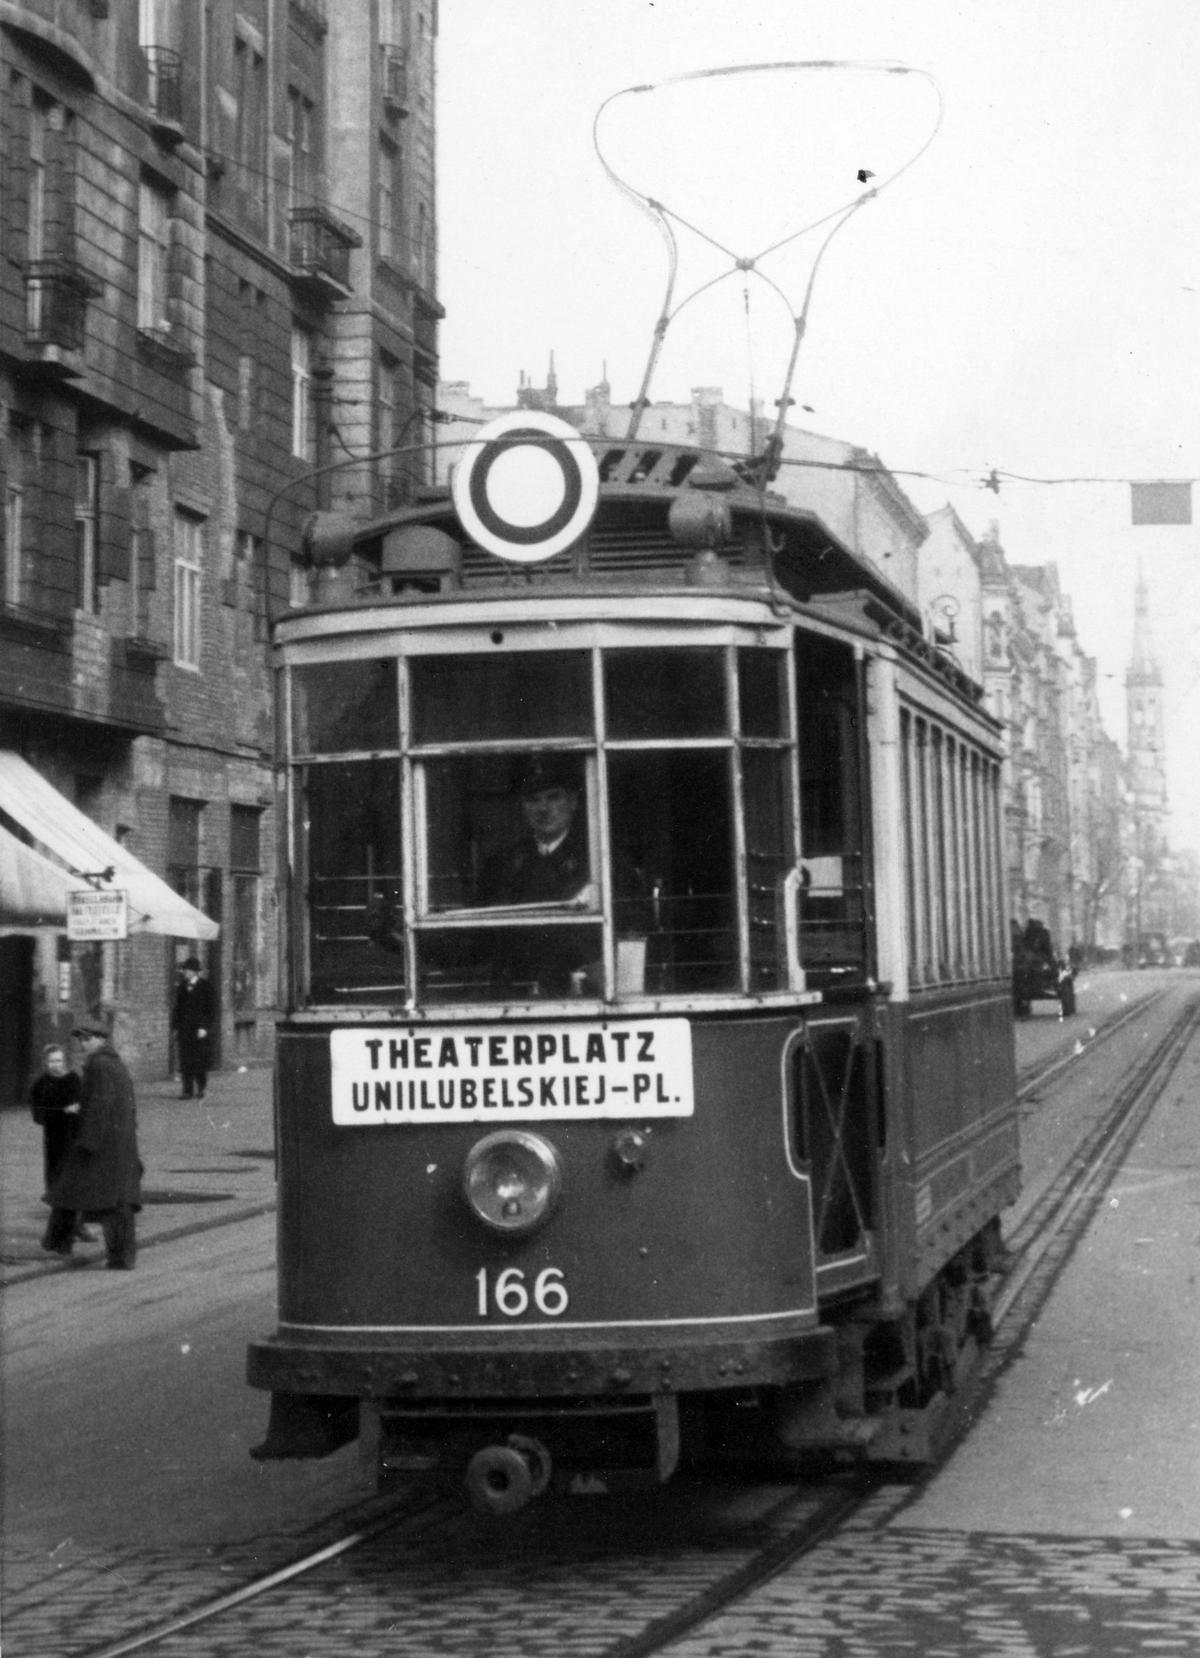 """Aby zmylić Niemców Zawadzka często jeździła tramwajami """"Nur für Deutsche""""."""